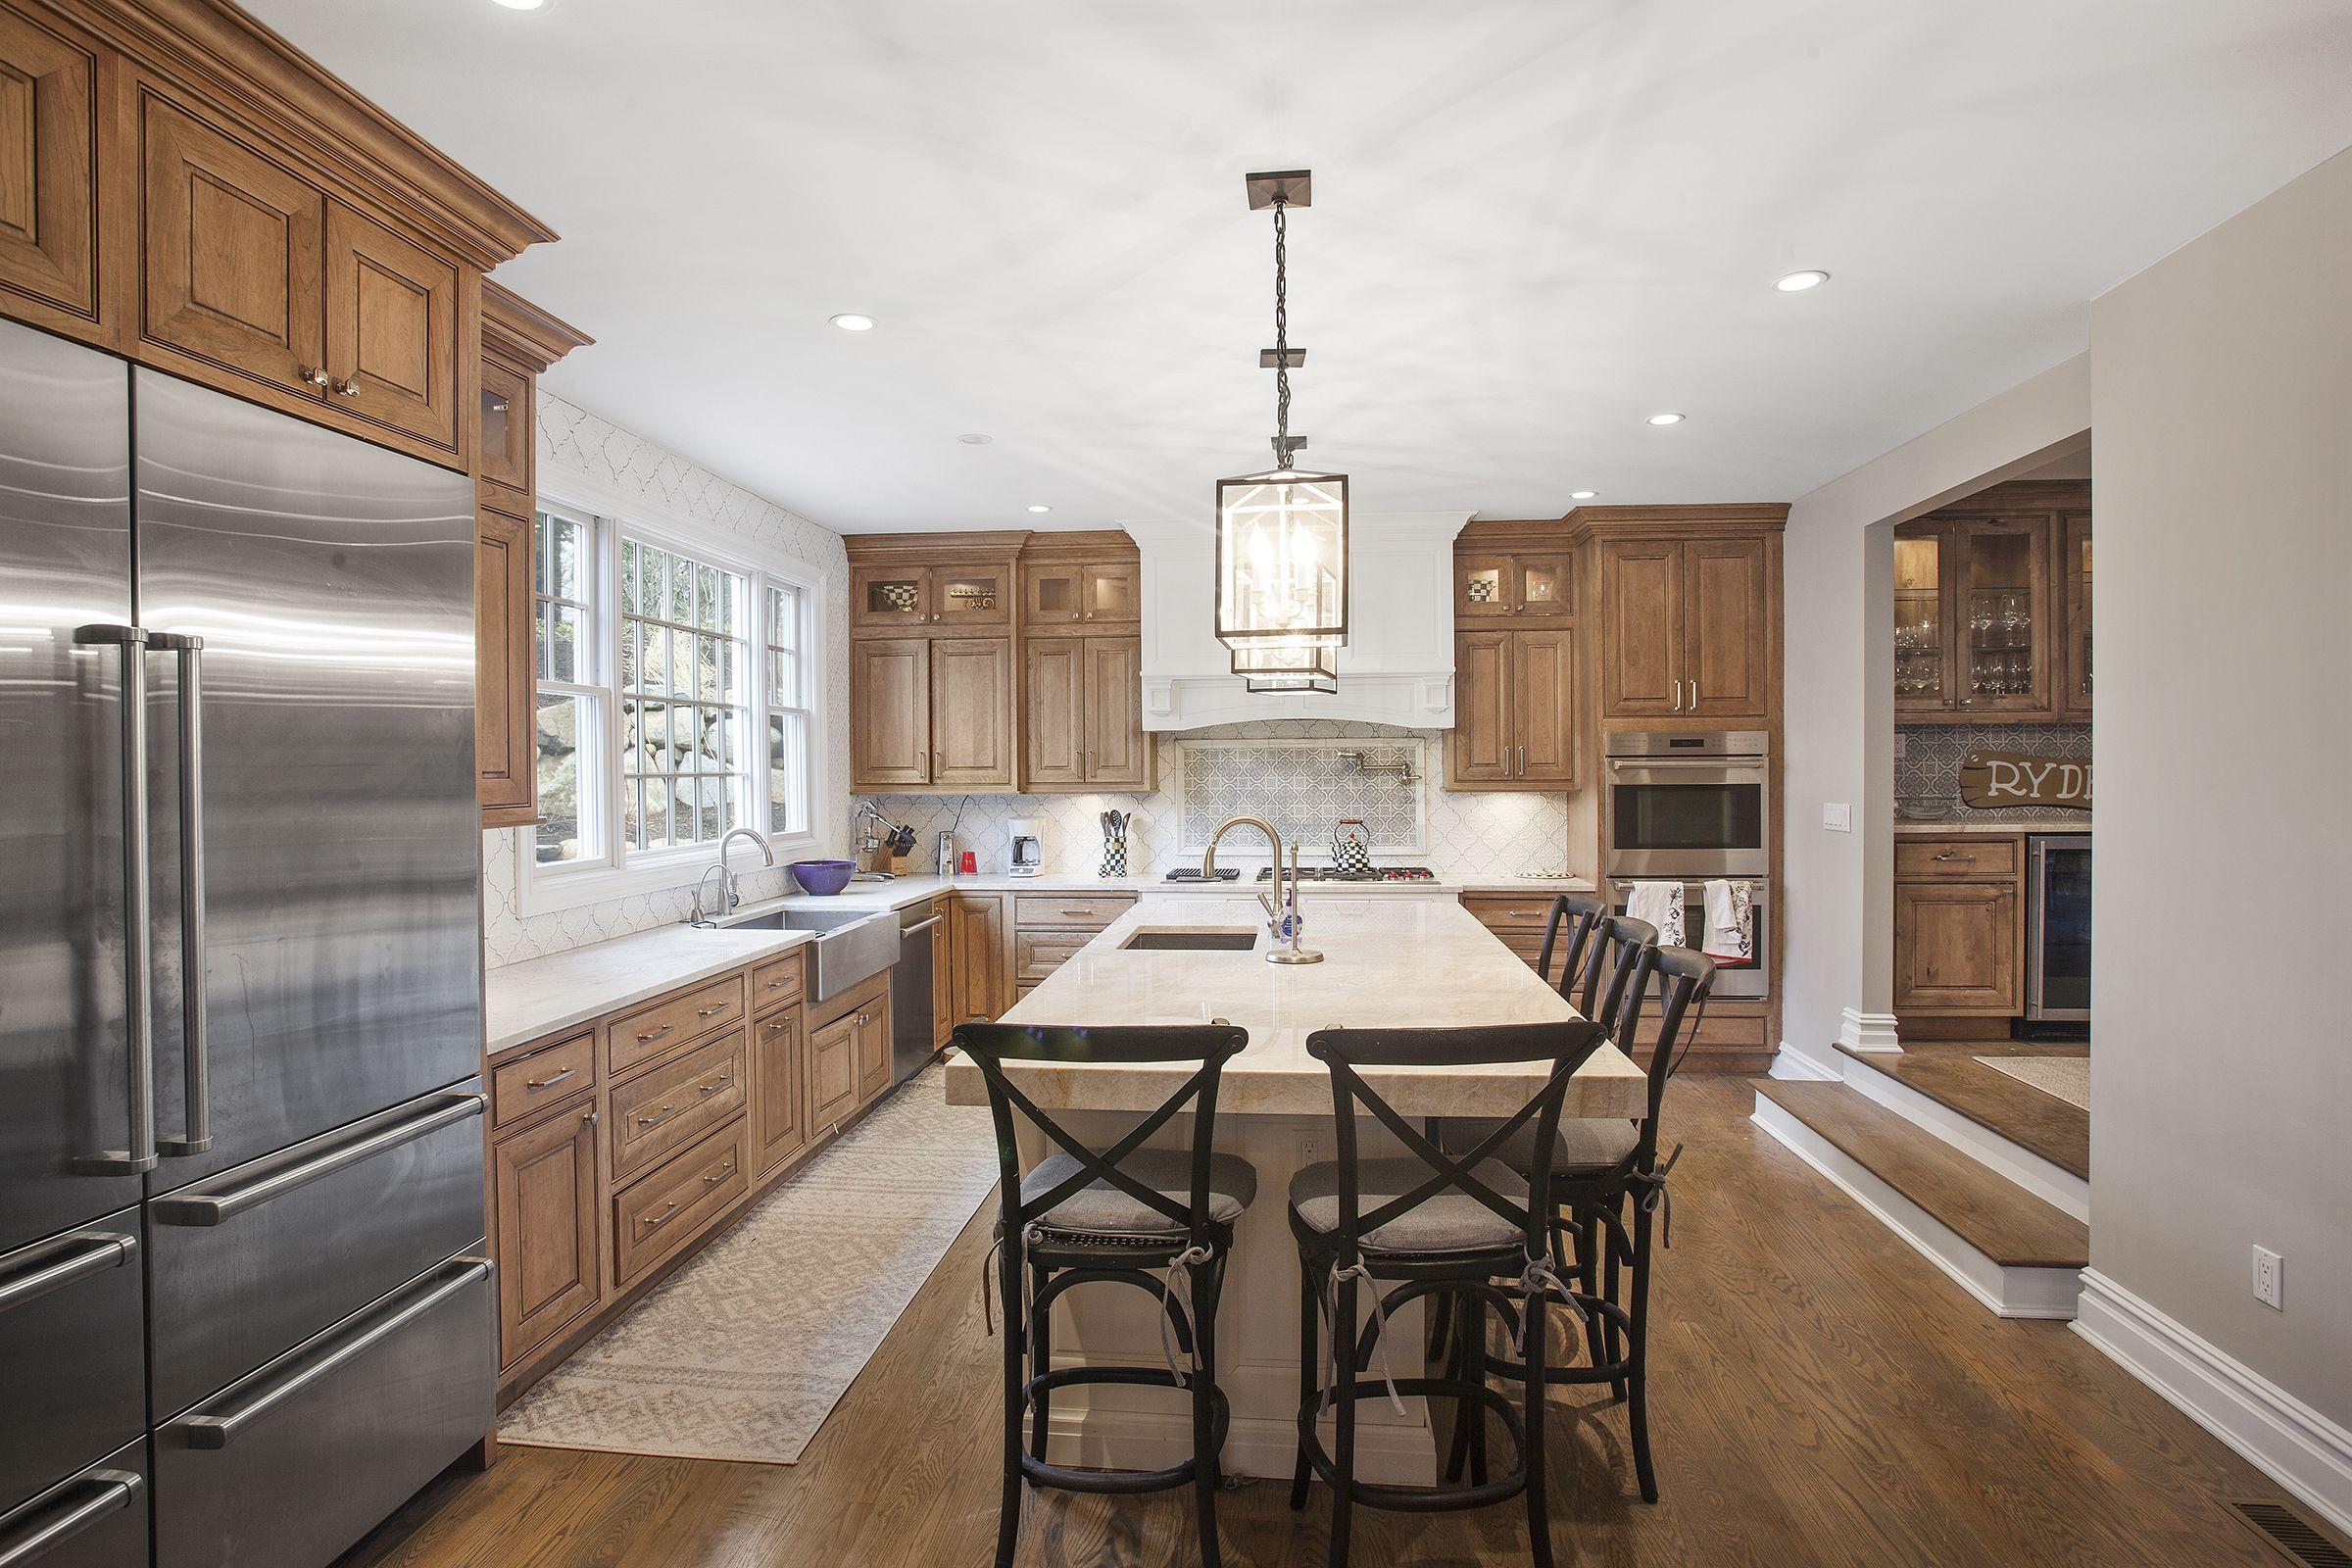 This Sunken Kitchen Boasts Stainless Steel Farm Sink Sink In Island Large Fridge And Freezer Wol Luxury Kitchen Design Kitchen Construction Kitchen Remodel